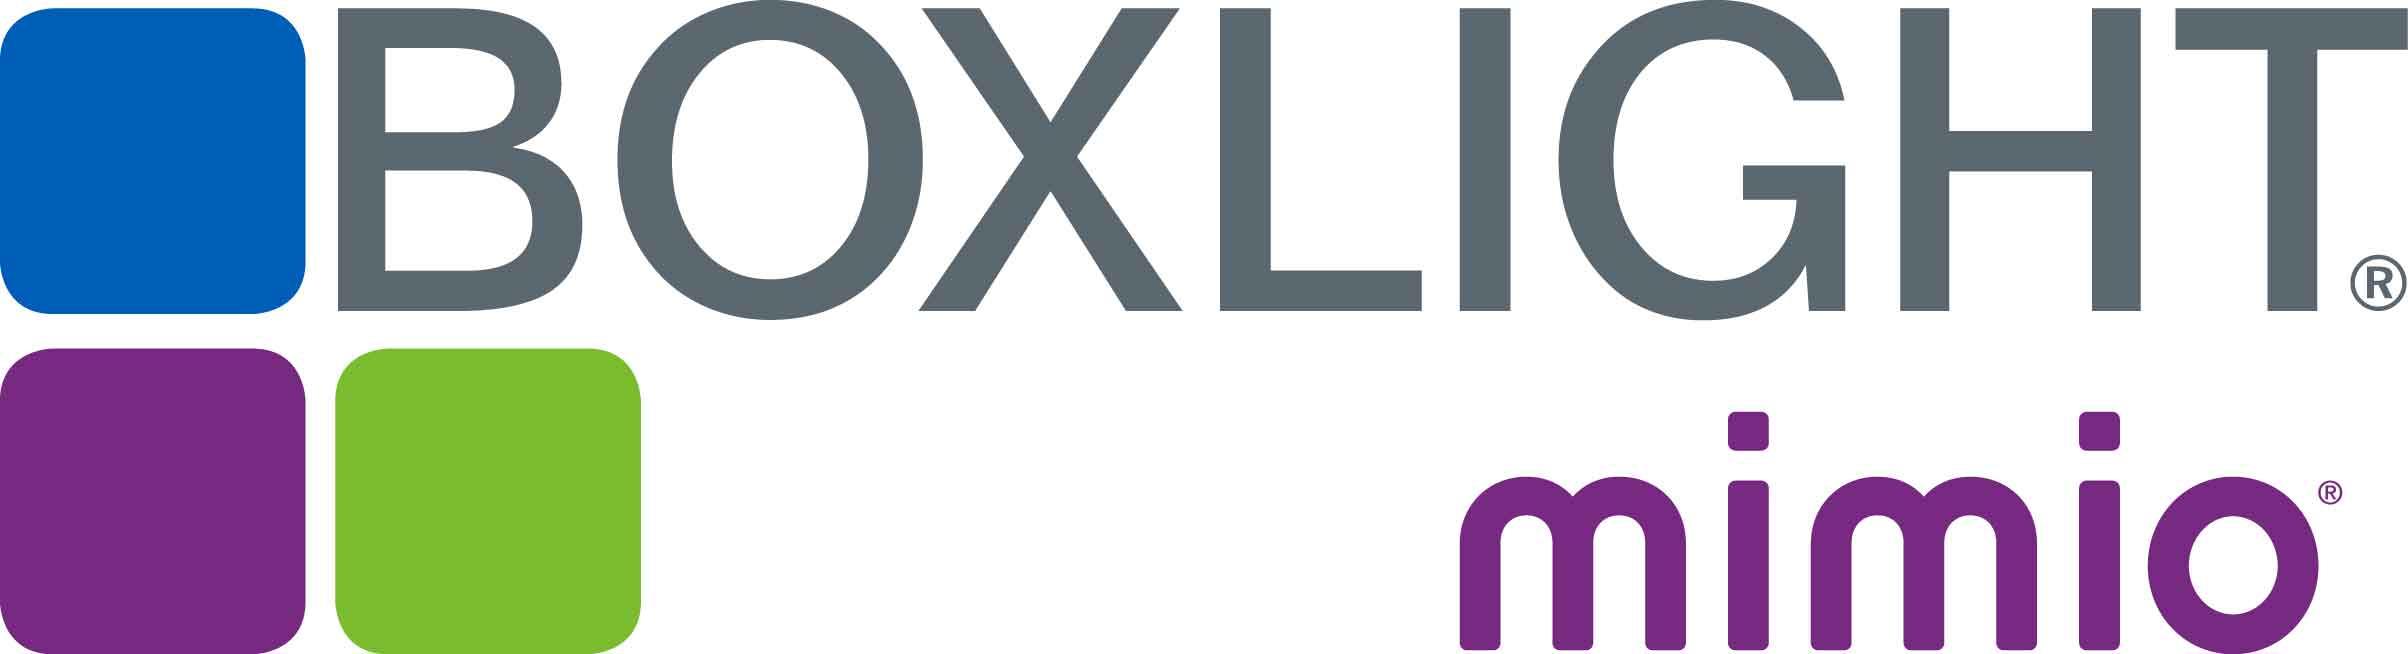 Boxlight Mimio: Se extiende la gama de soluciones interactivas para el Sector Educativo